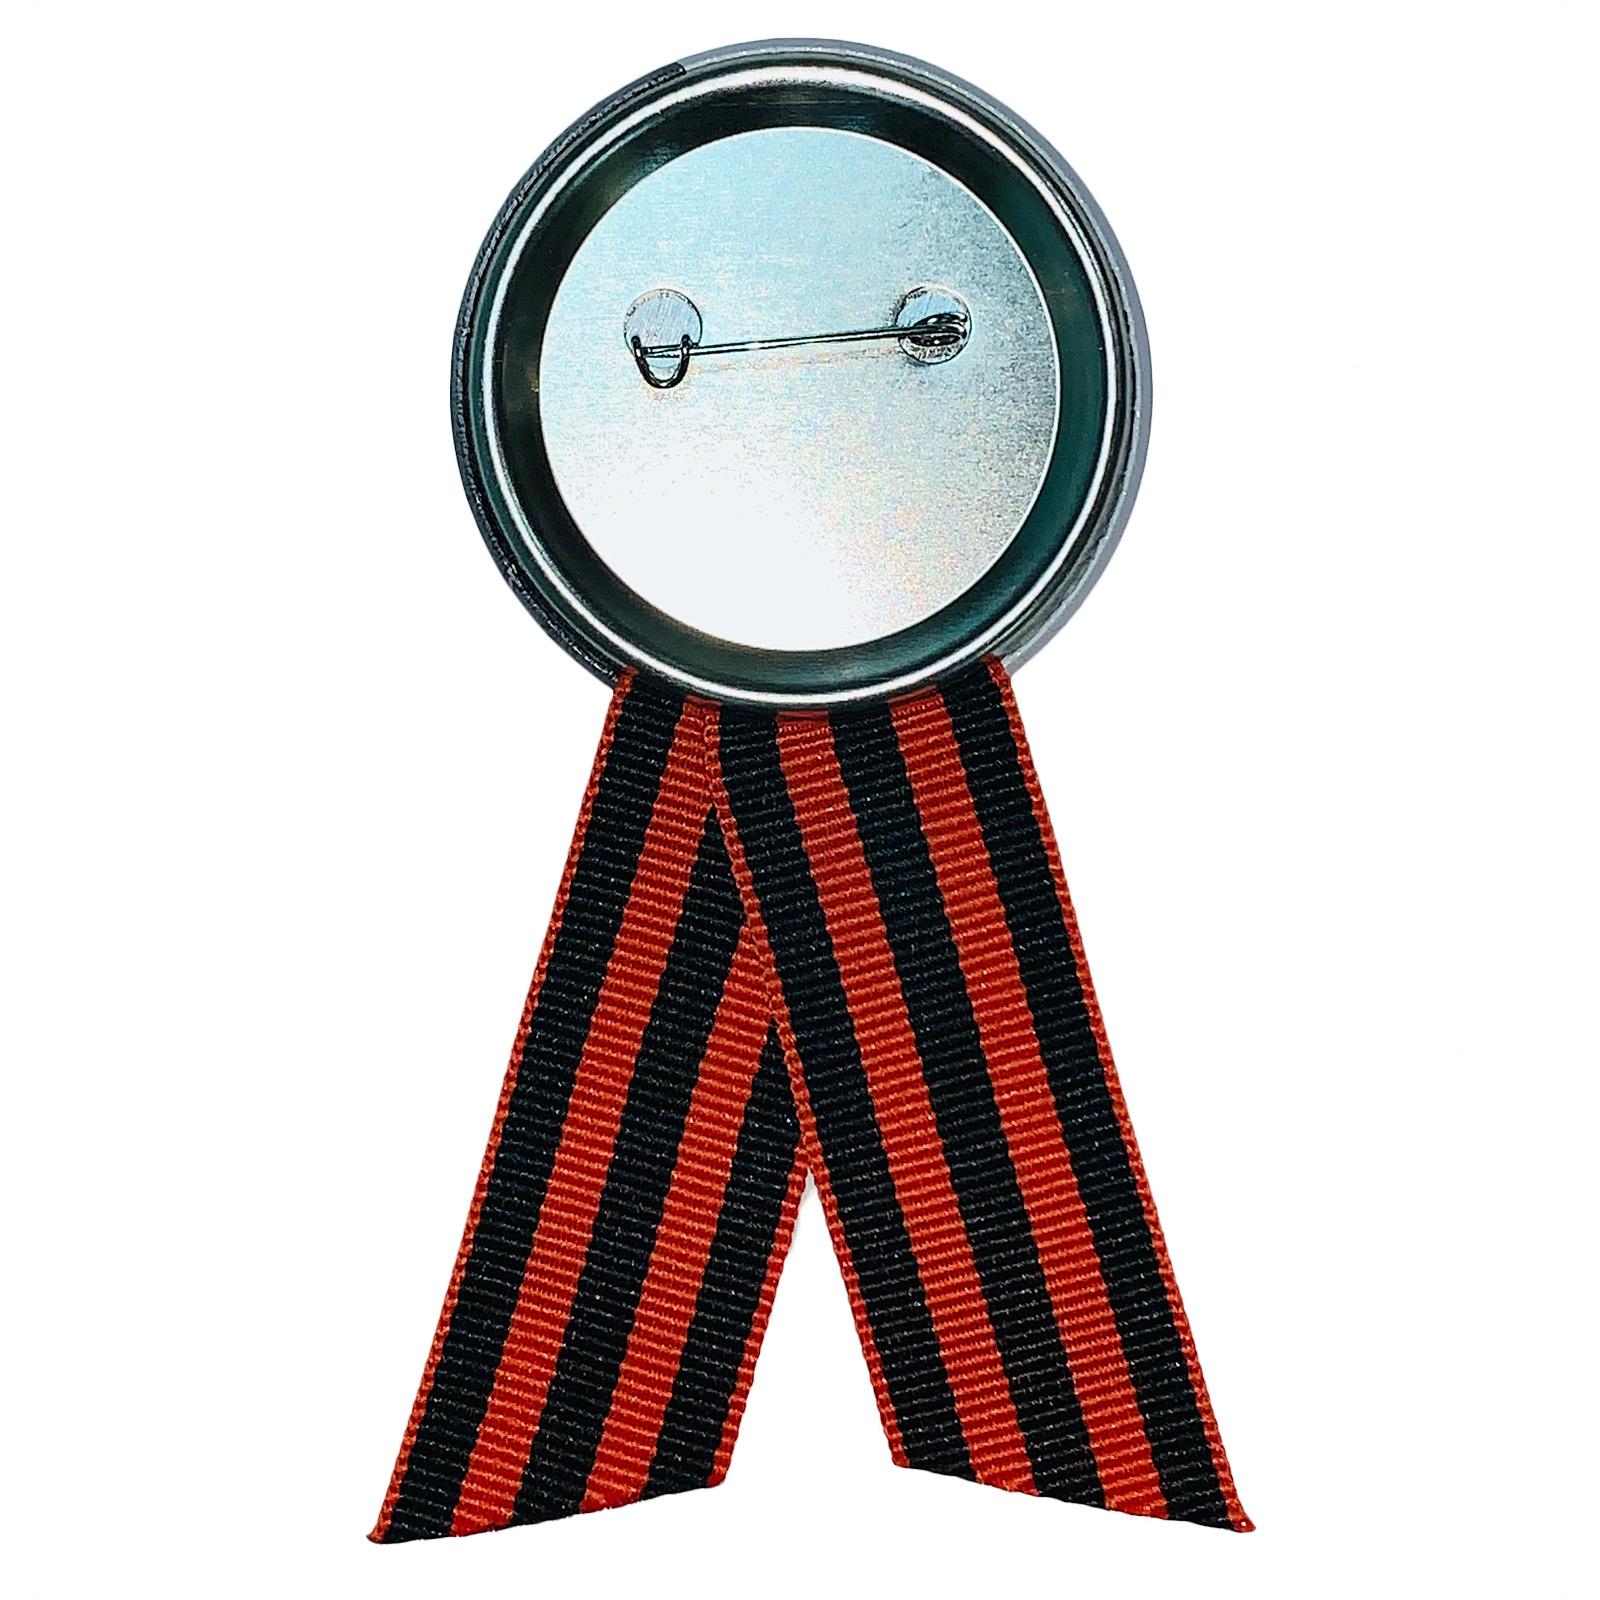 Памятный значок на 75 лет Победы с георгиевской лентой - крепление булавка